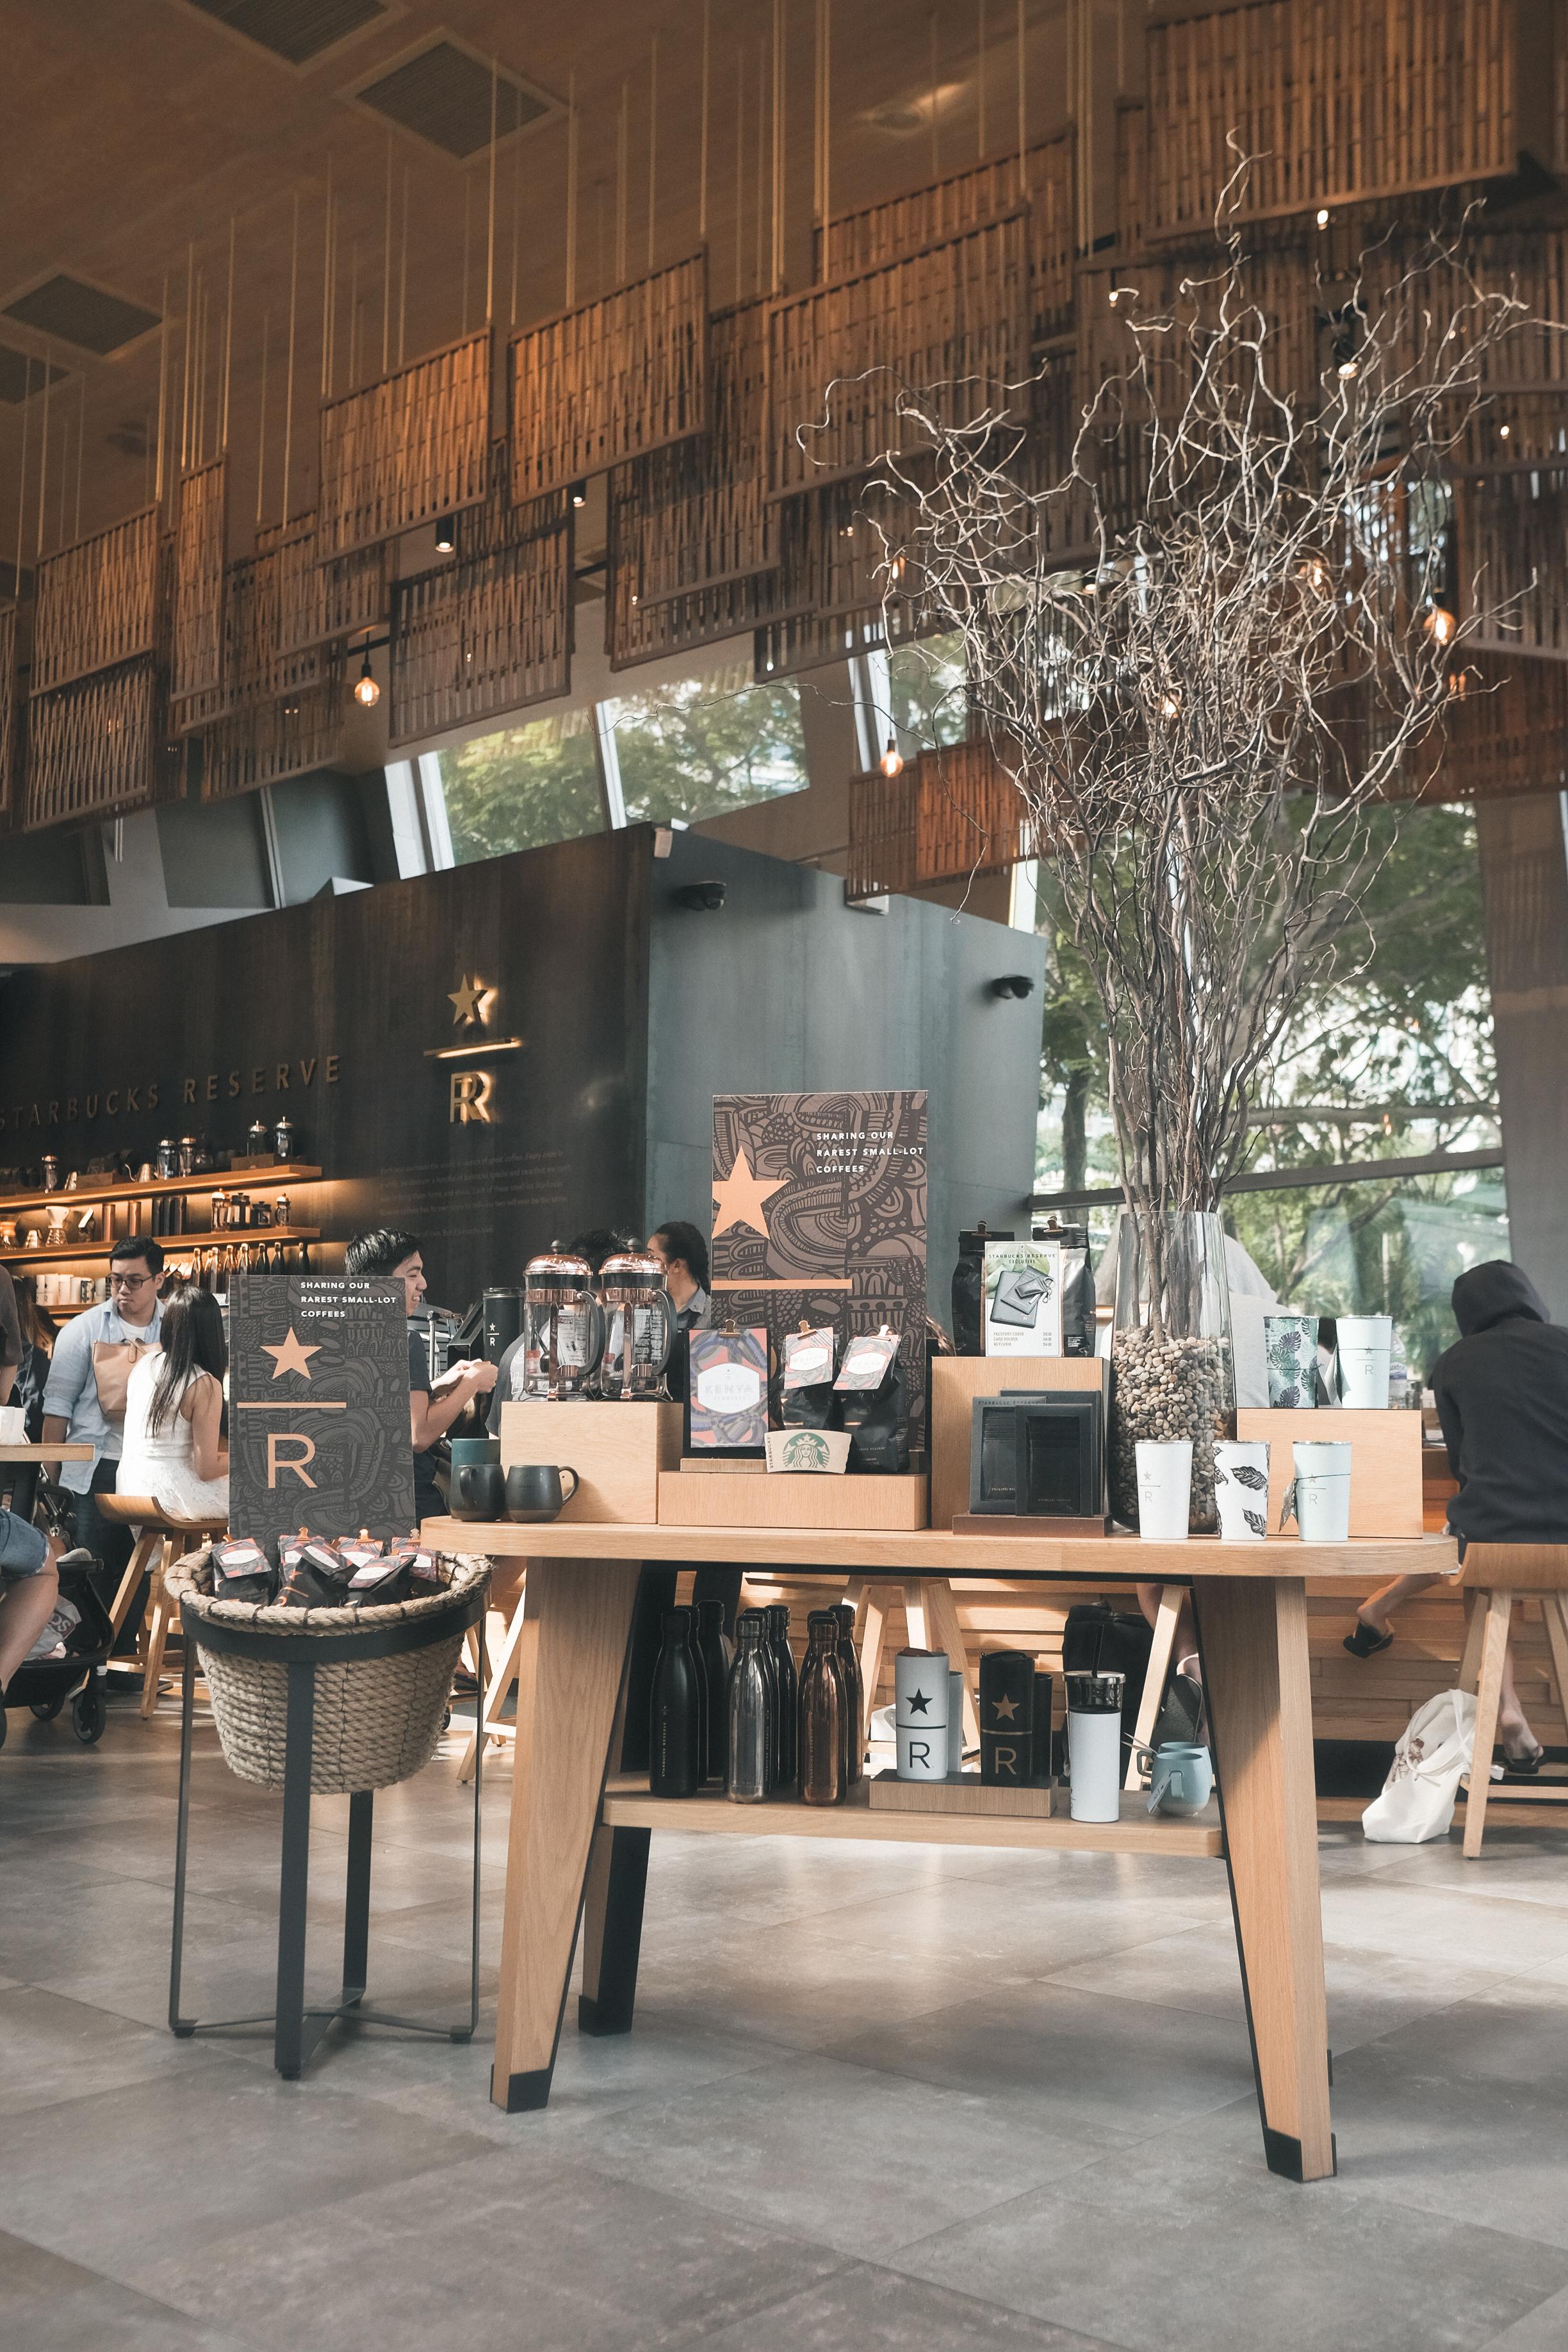 """最后找到了这家Starbucks。熟悉的喧闹声配上漂浮的咖啡香还有两本""""小日子""""。这家Starbucks 也有个特别的Starbucks Reserve。只可惜我们不是实在的咖啡迷。 We settled for Starbucks at United Square. We didn't realise how beautiful it looked inside, and was also surprised by the Starbucks Reserve collection."""